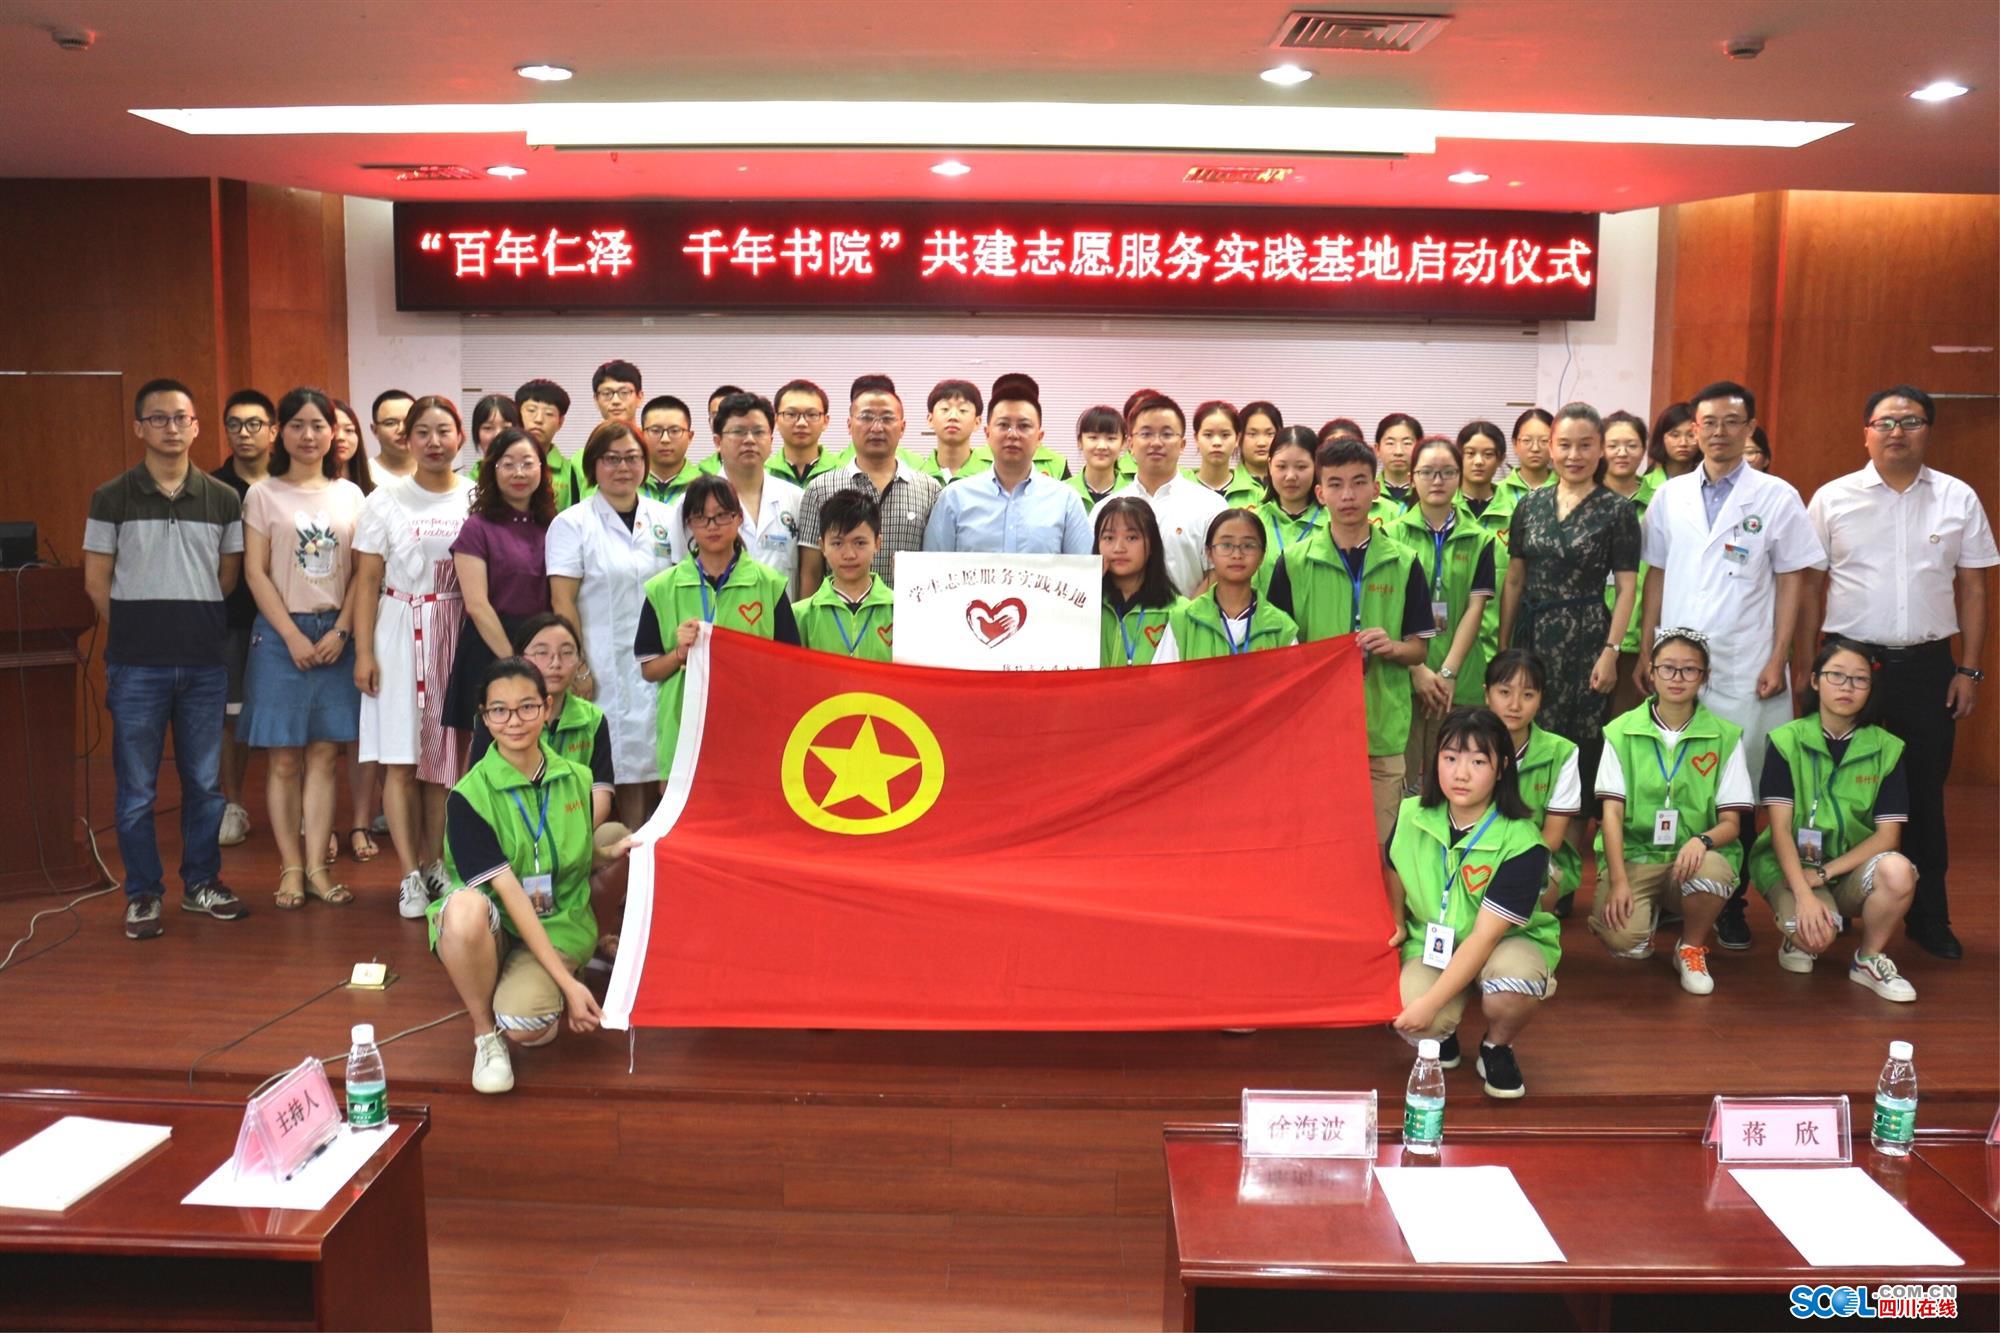 华西医院绵竹医院与绵竹中学共建志愿服务实践基地